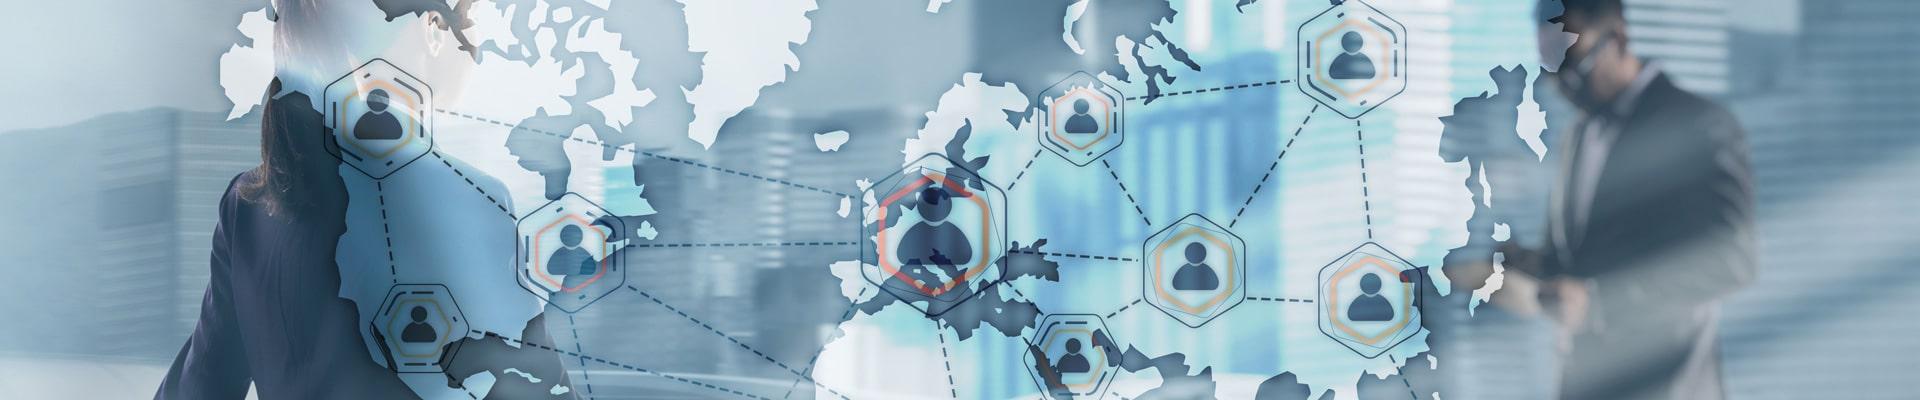 Sous traitance et externalisation offshore, une augmentation des demandes des entreprises pour faire face à la pandémie du Covid-19